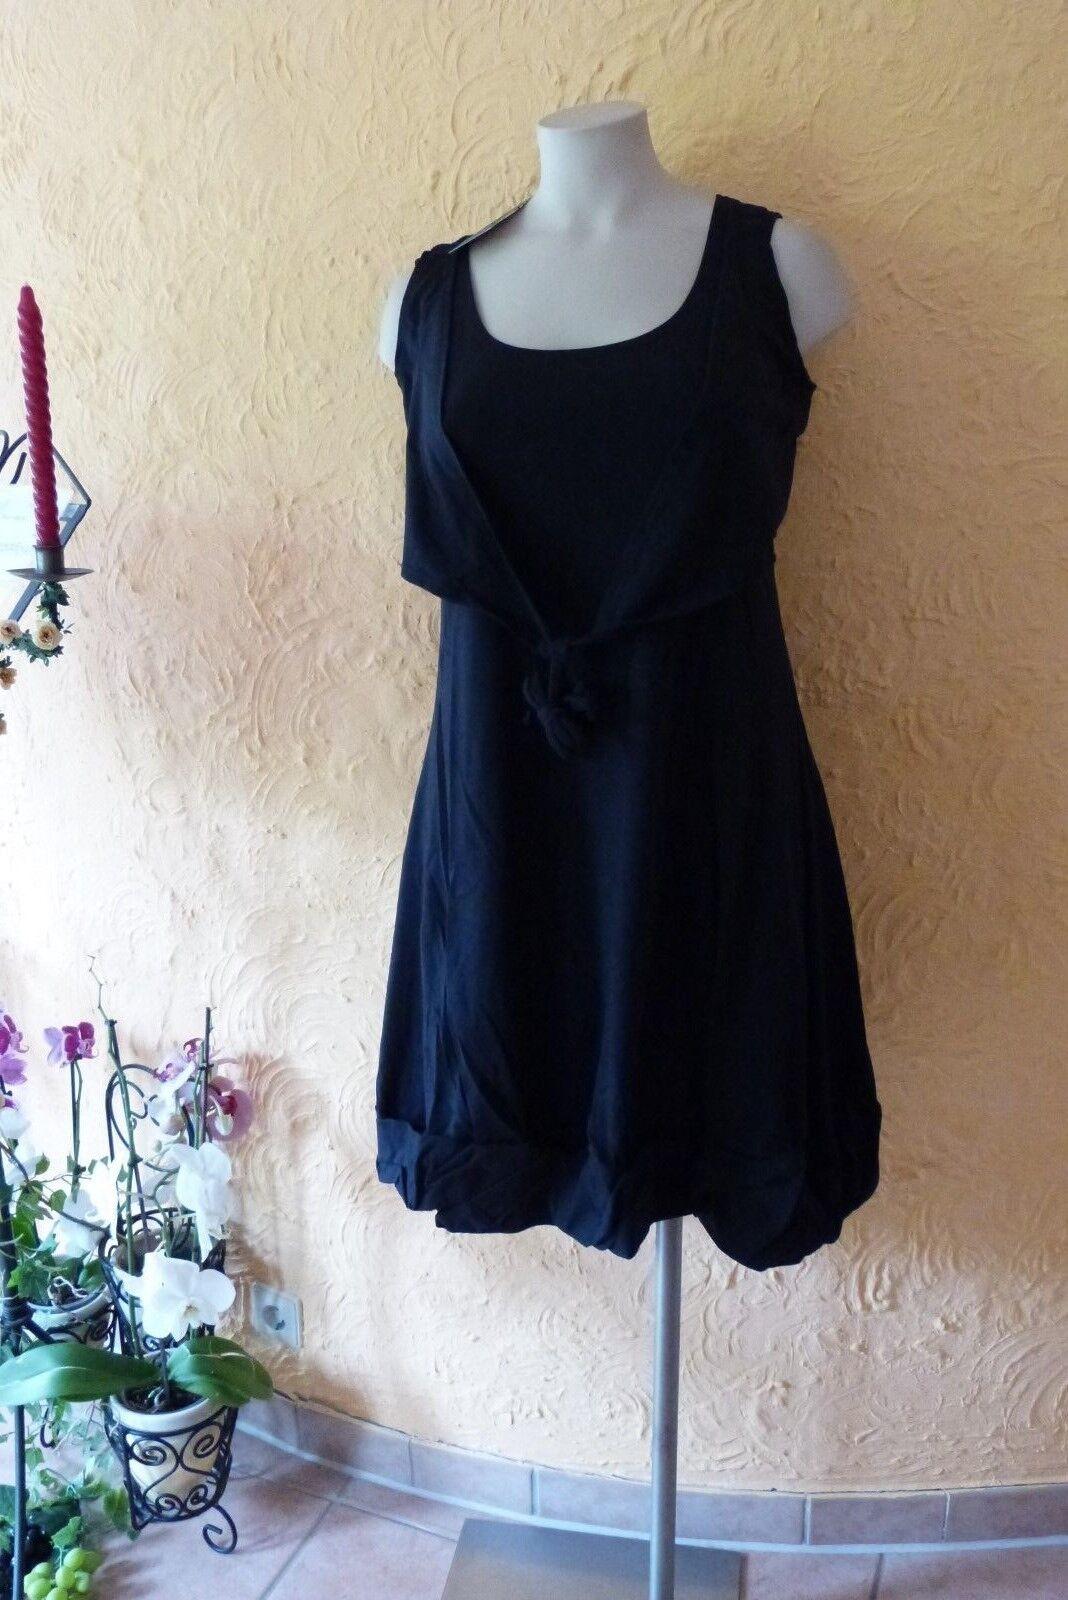 d77238f7f1796f BORIS INDUSTRIES Ballon Kleid mit Weste 42 44 (2) NEU schwarz LAGENLOOK  Stretch nnhhtb3009-Kleider